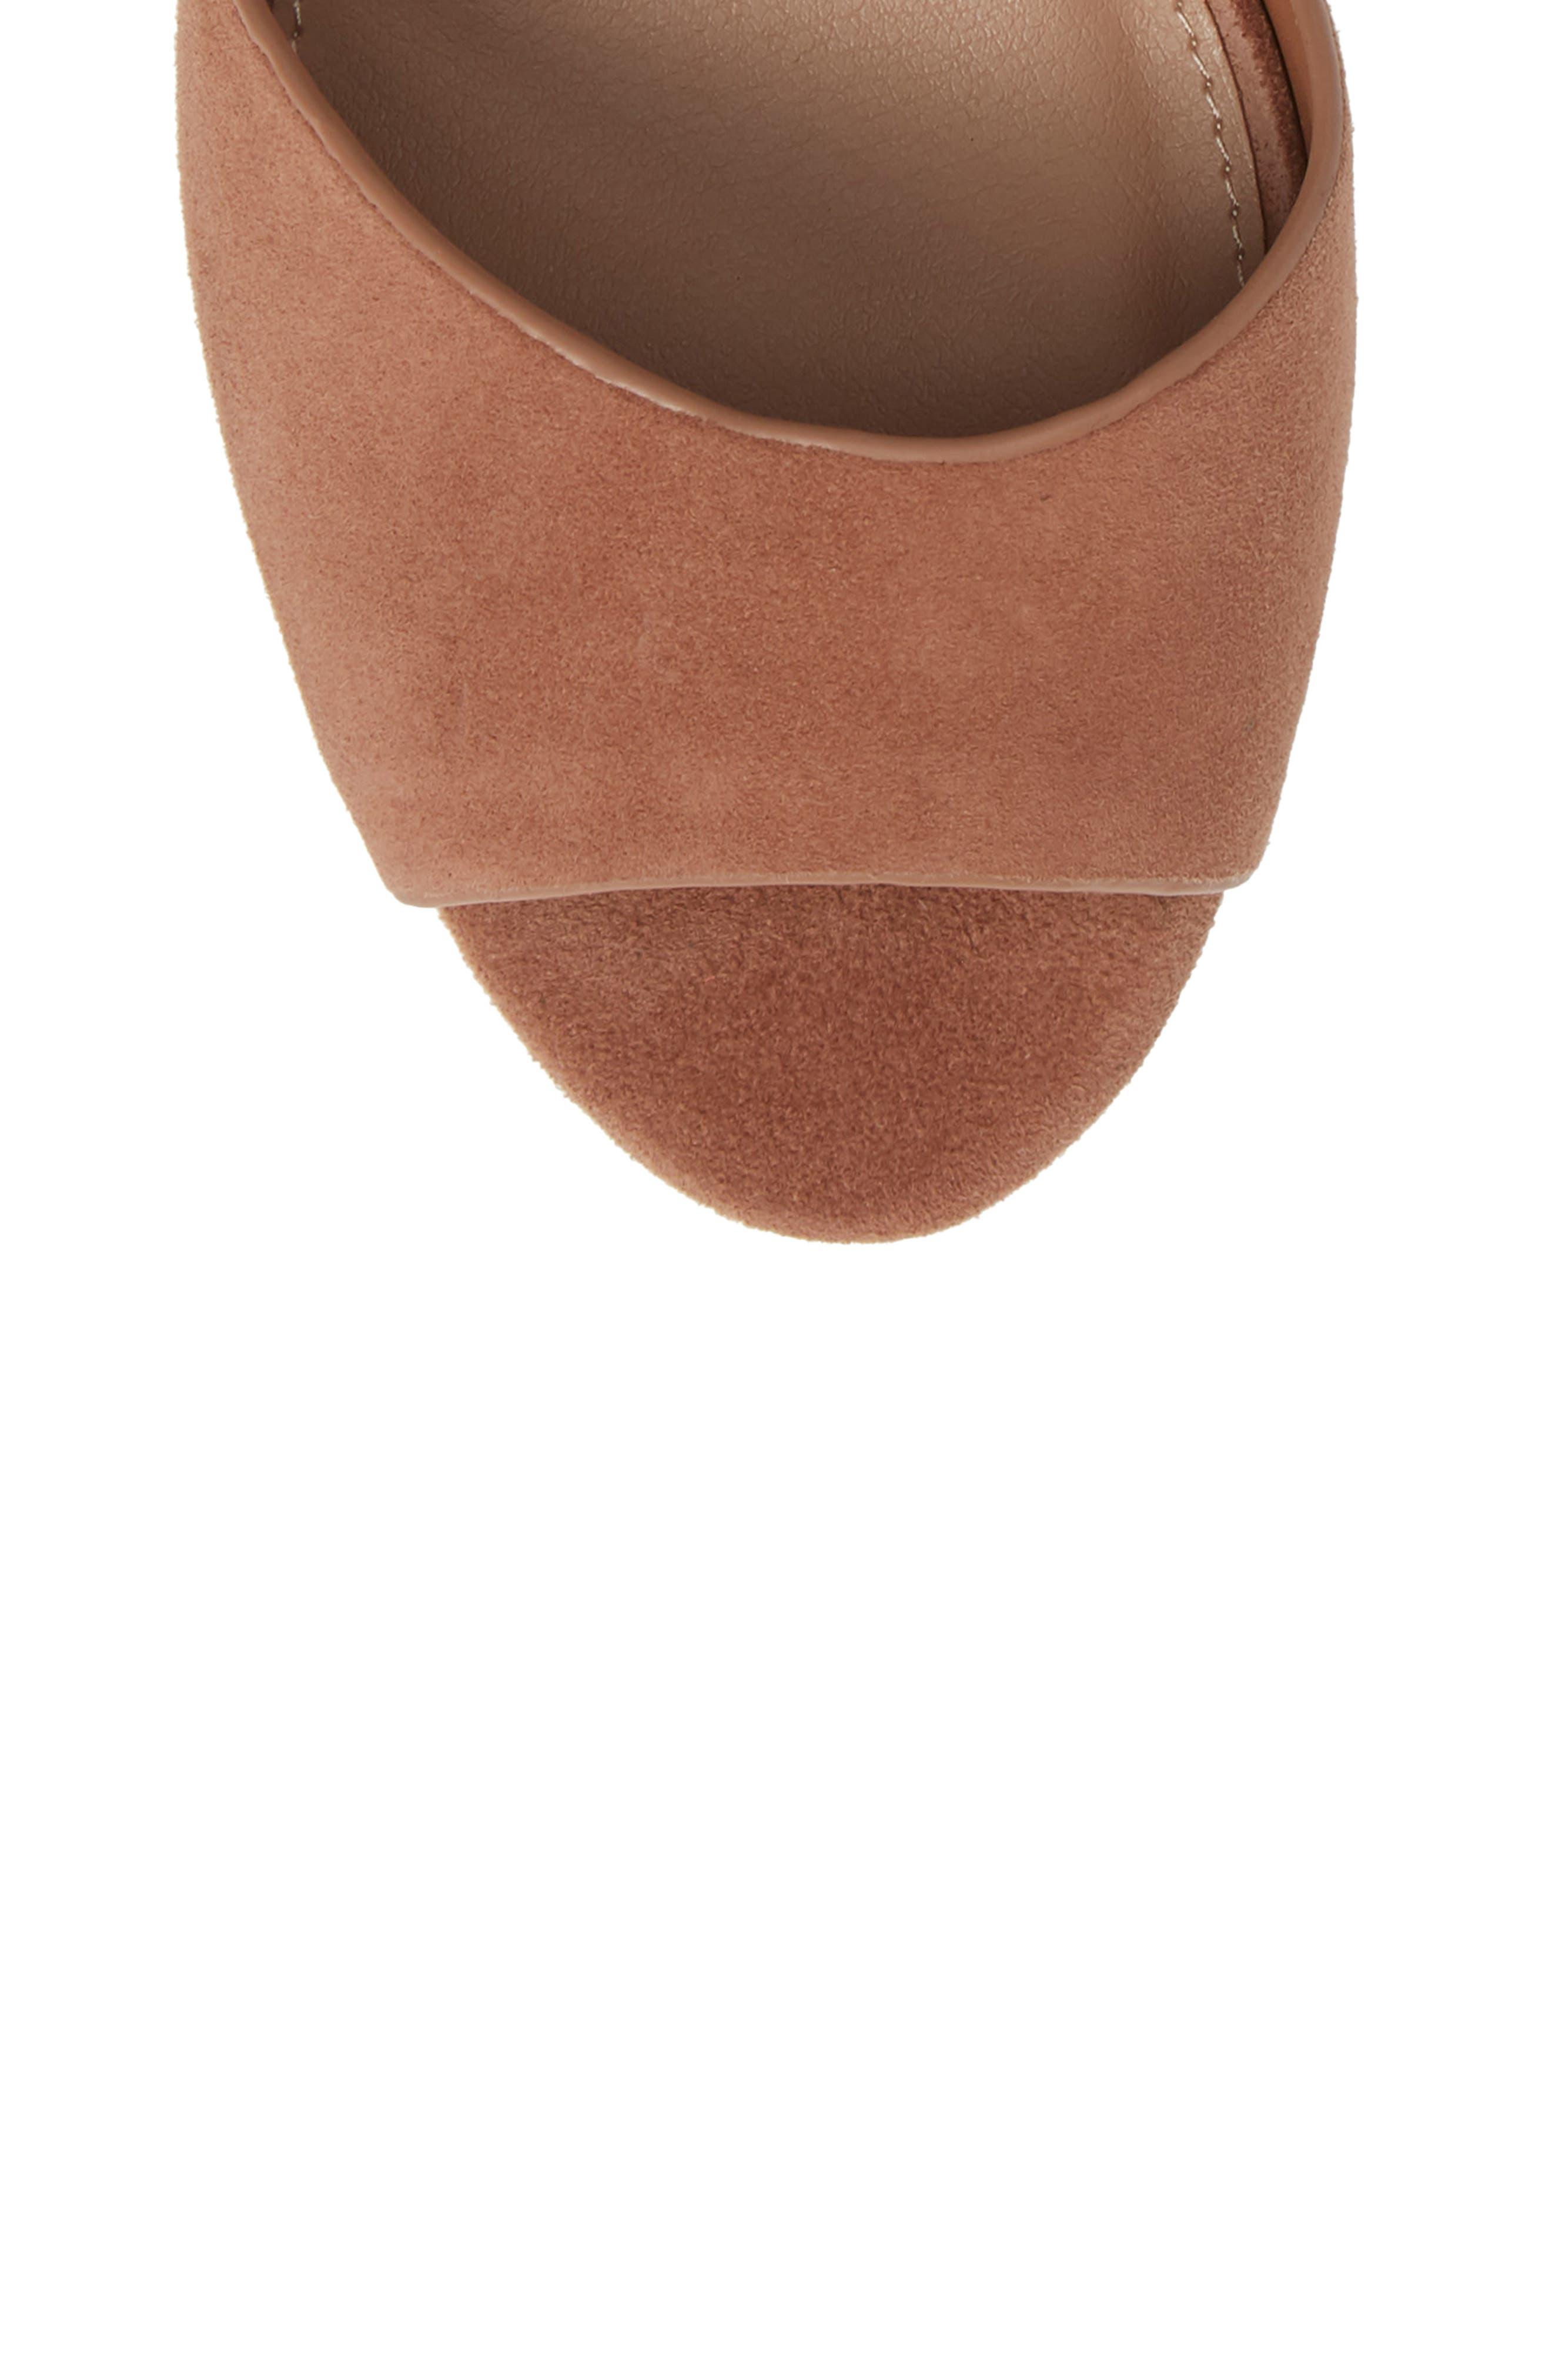 STEVE MADDEN,                             Jes Platform Sandal,                             Alternate thumbnail 5, color,                             230